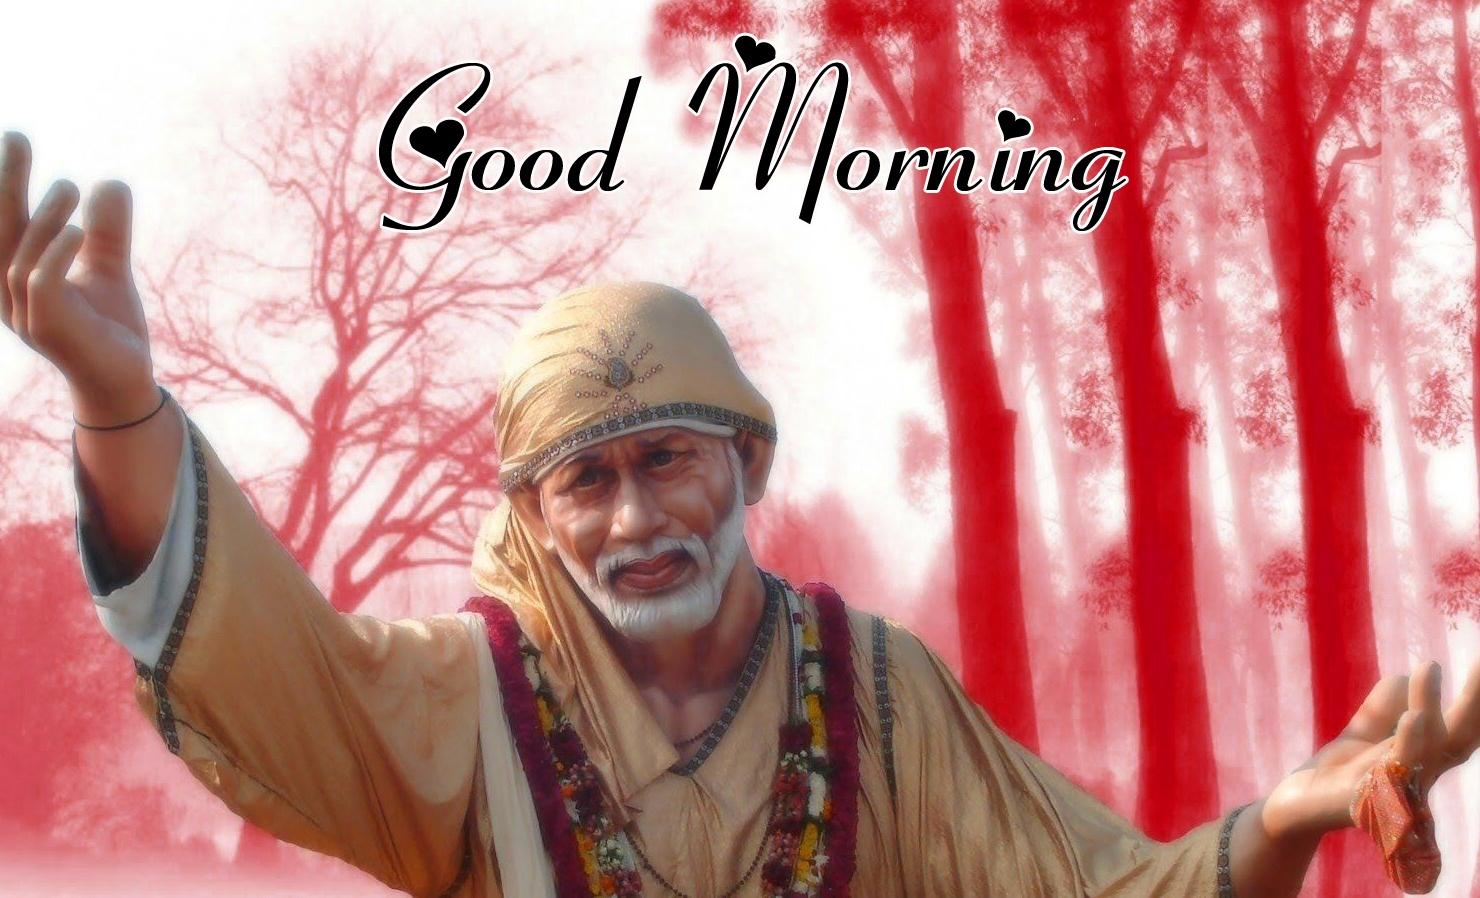 Sai baba good morning Images 2